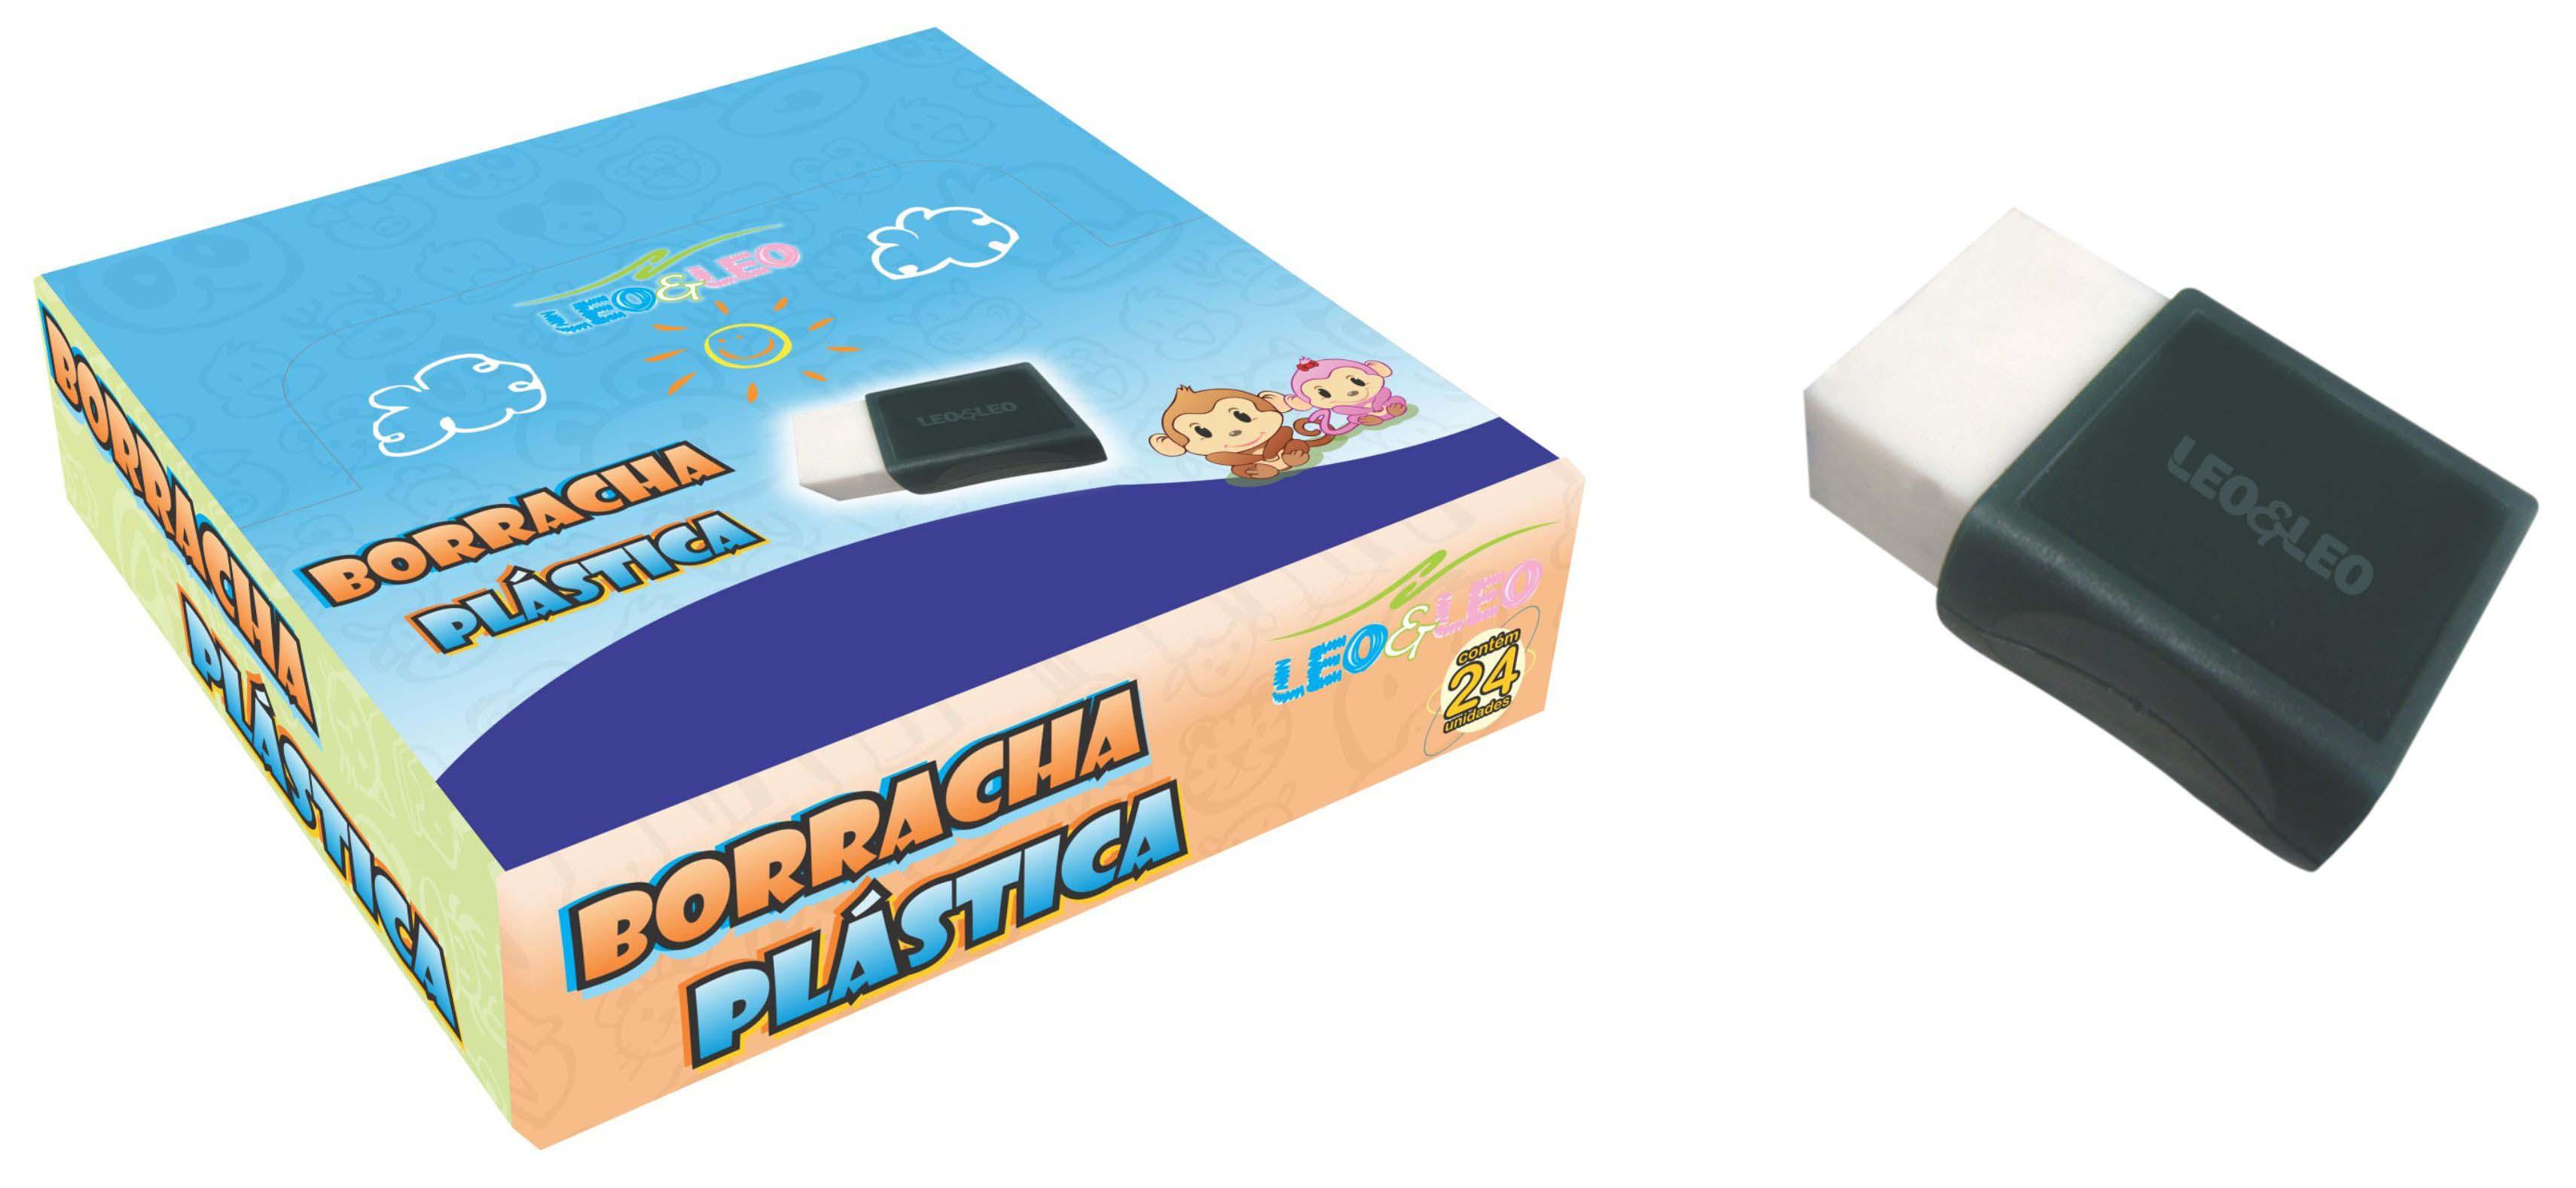 BORRACHA PLASTICA PEQUENA BRANCA 4584 JOCAR